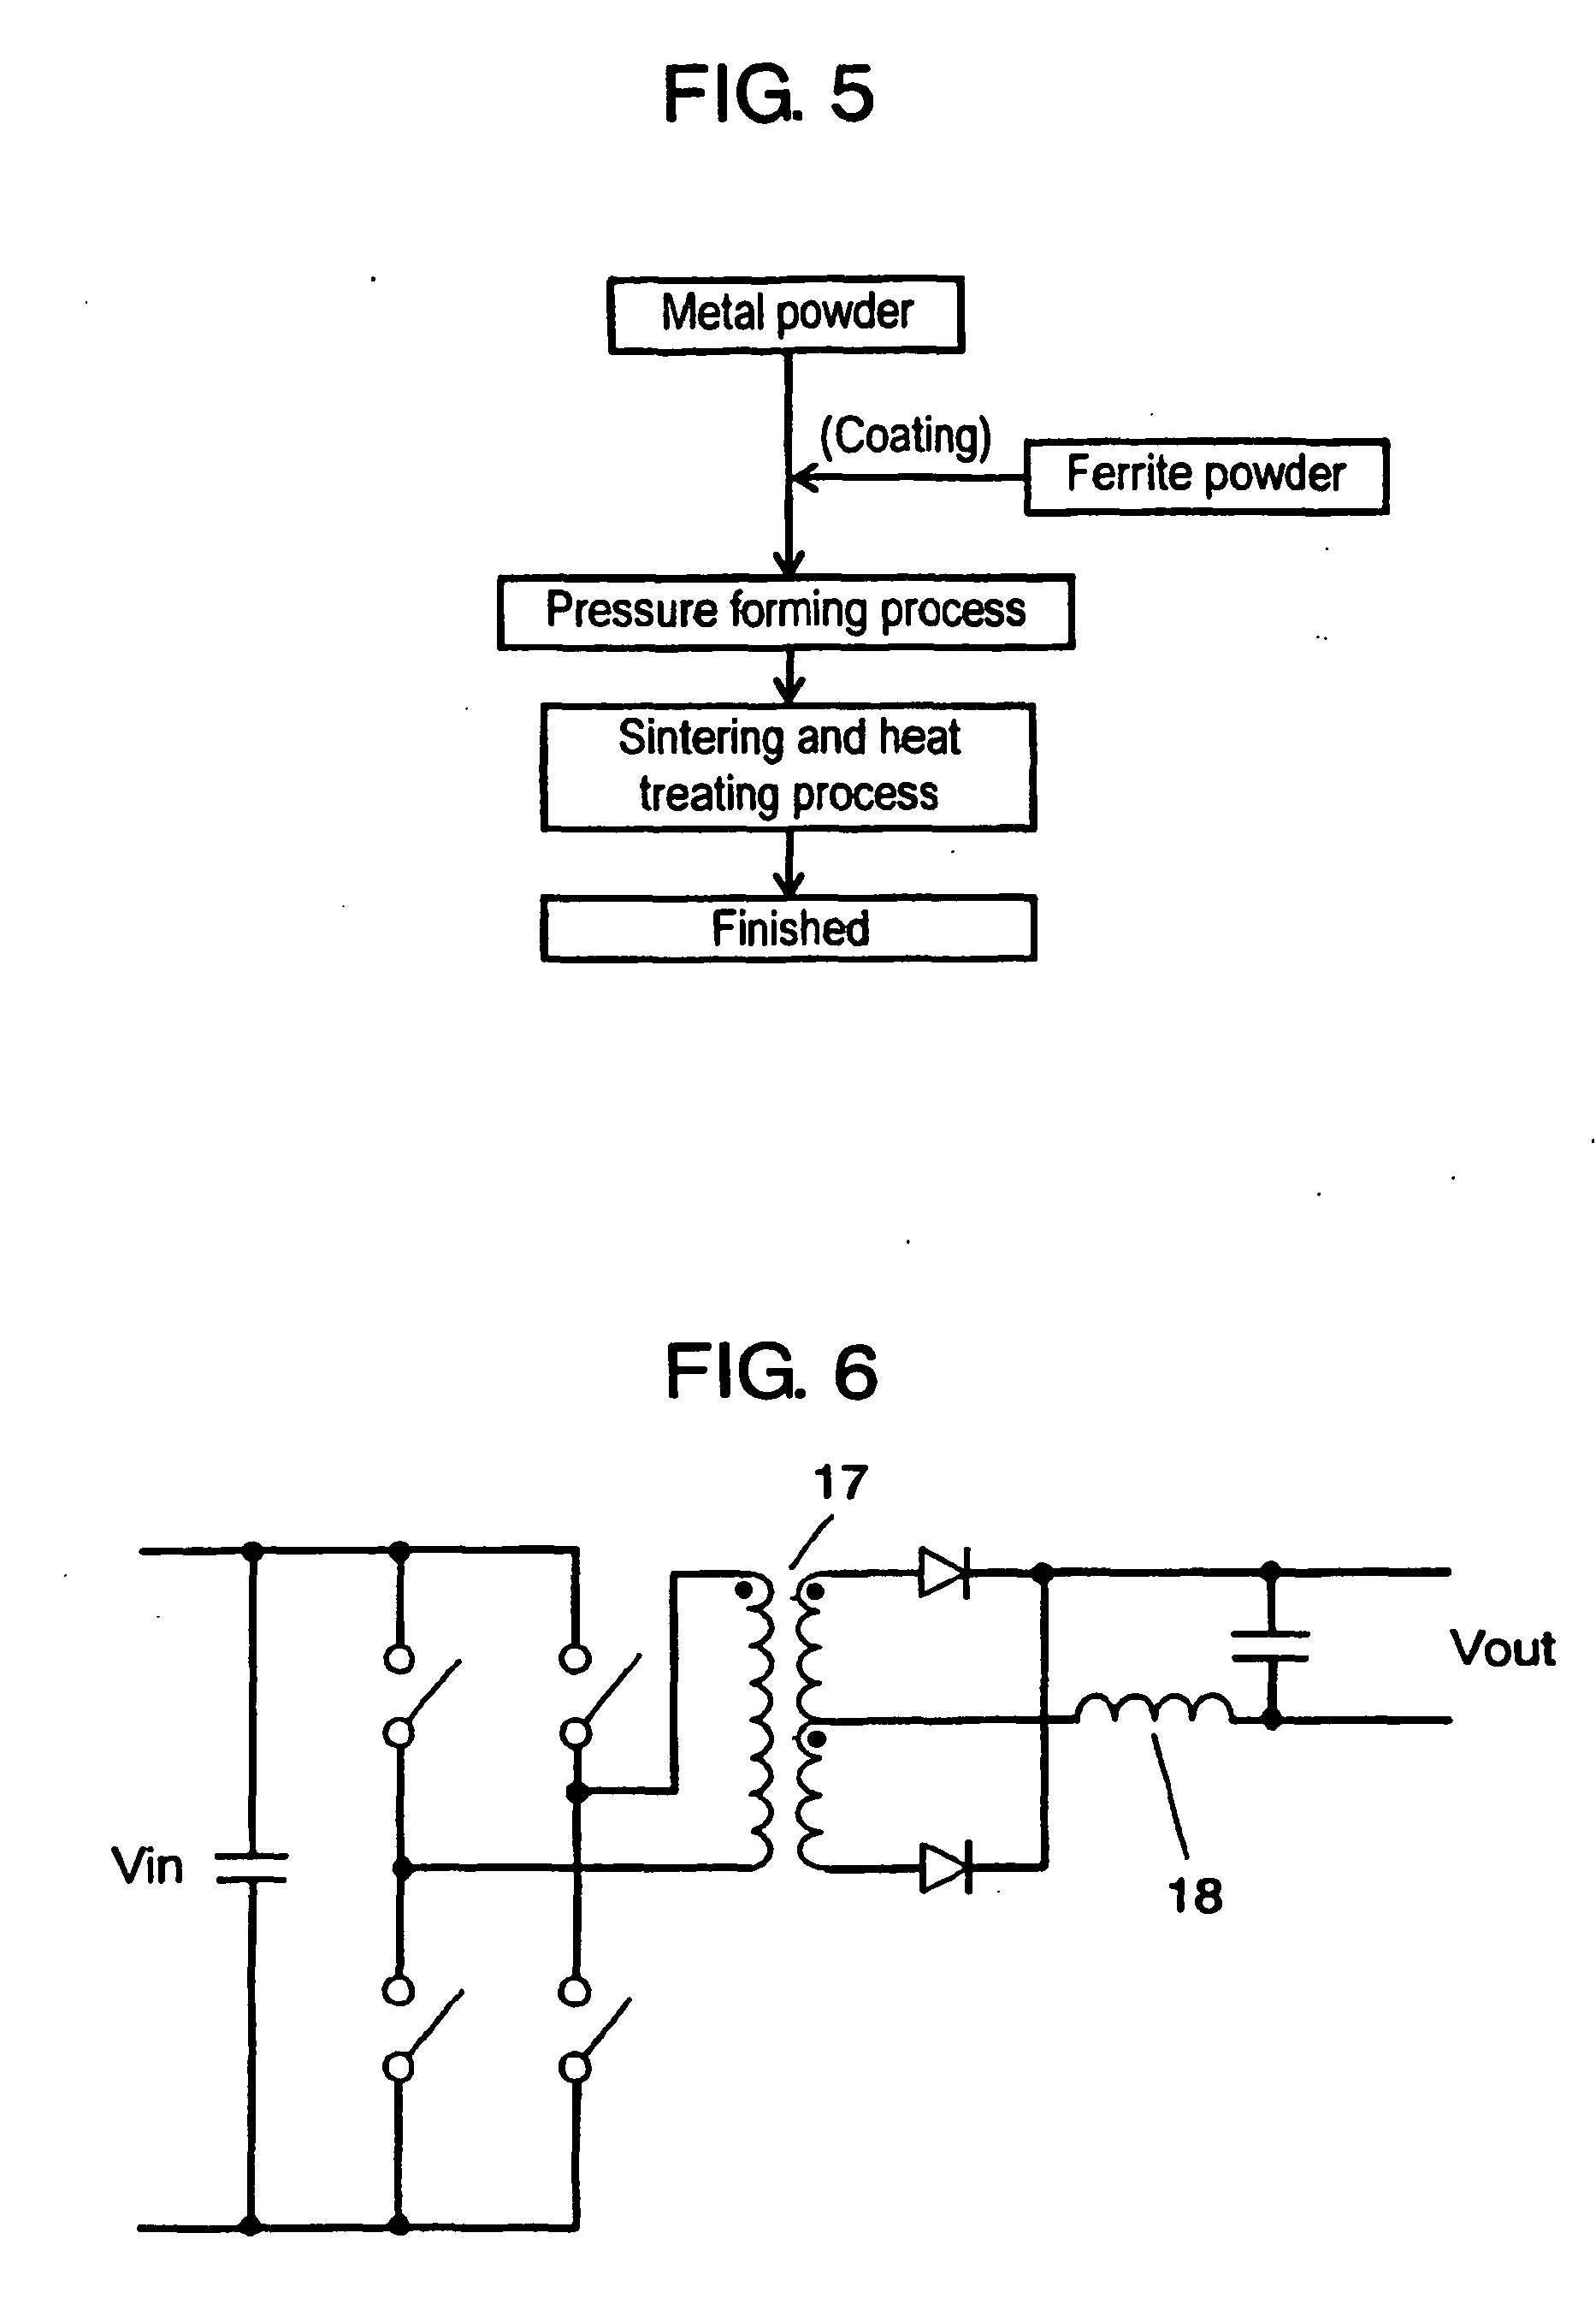 专利ep1521276b1 - manufacturing